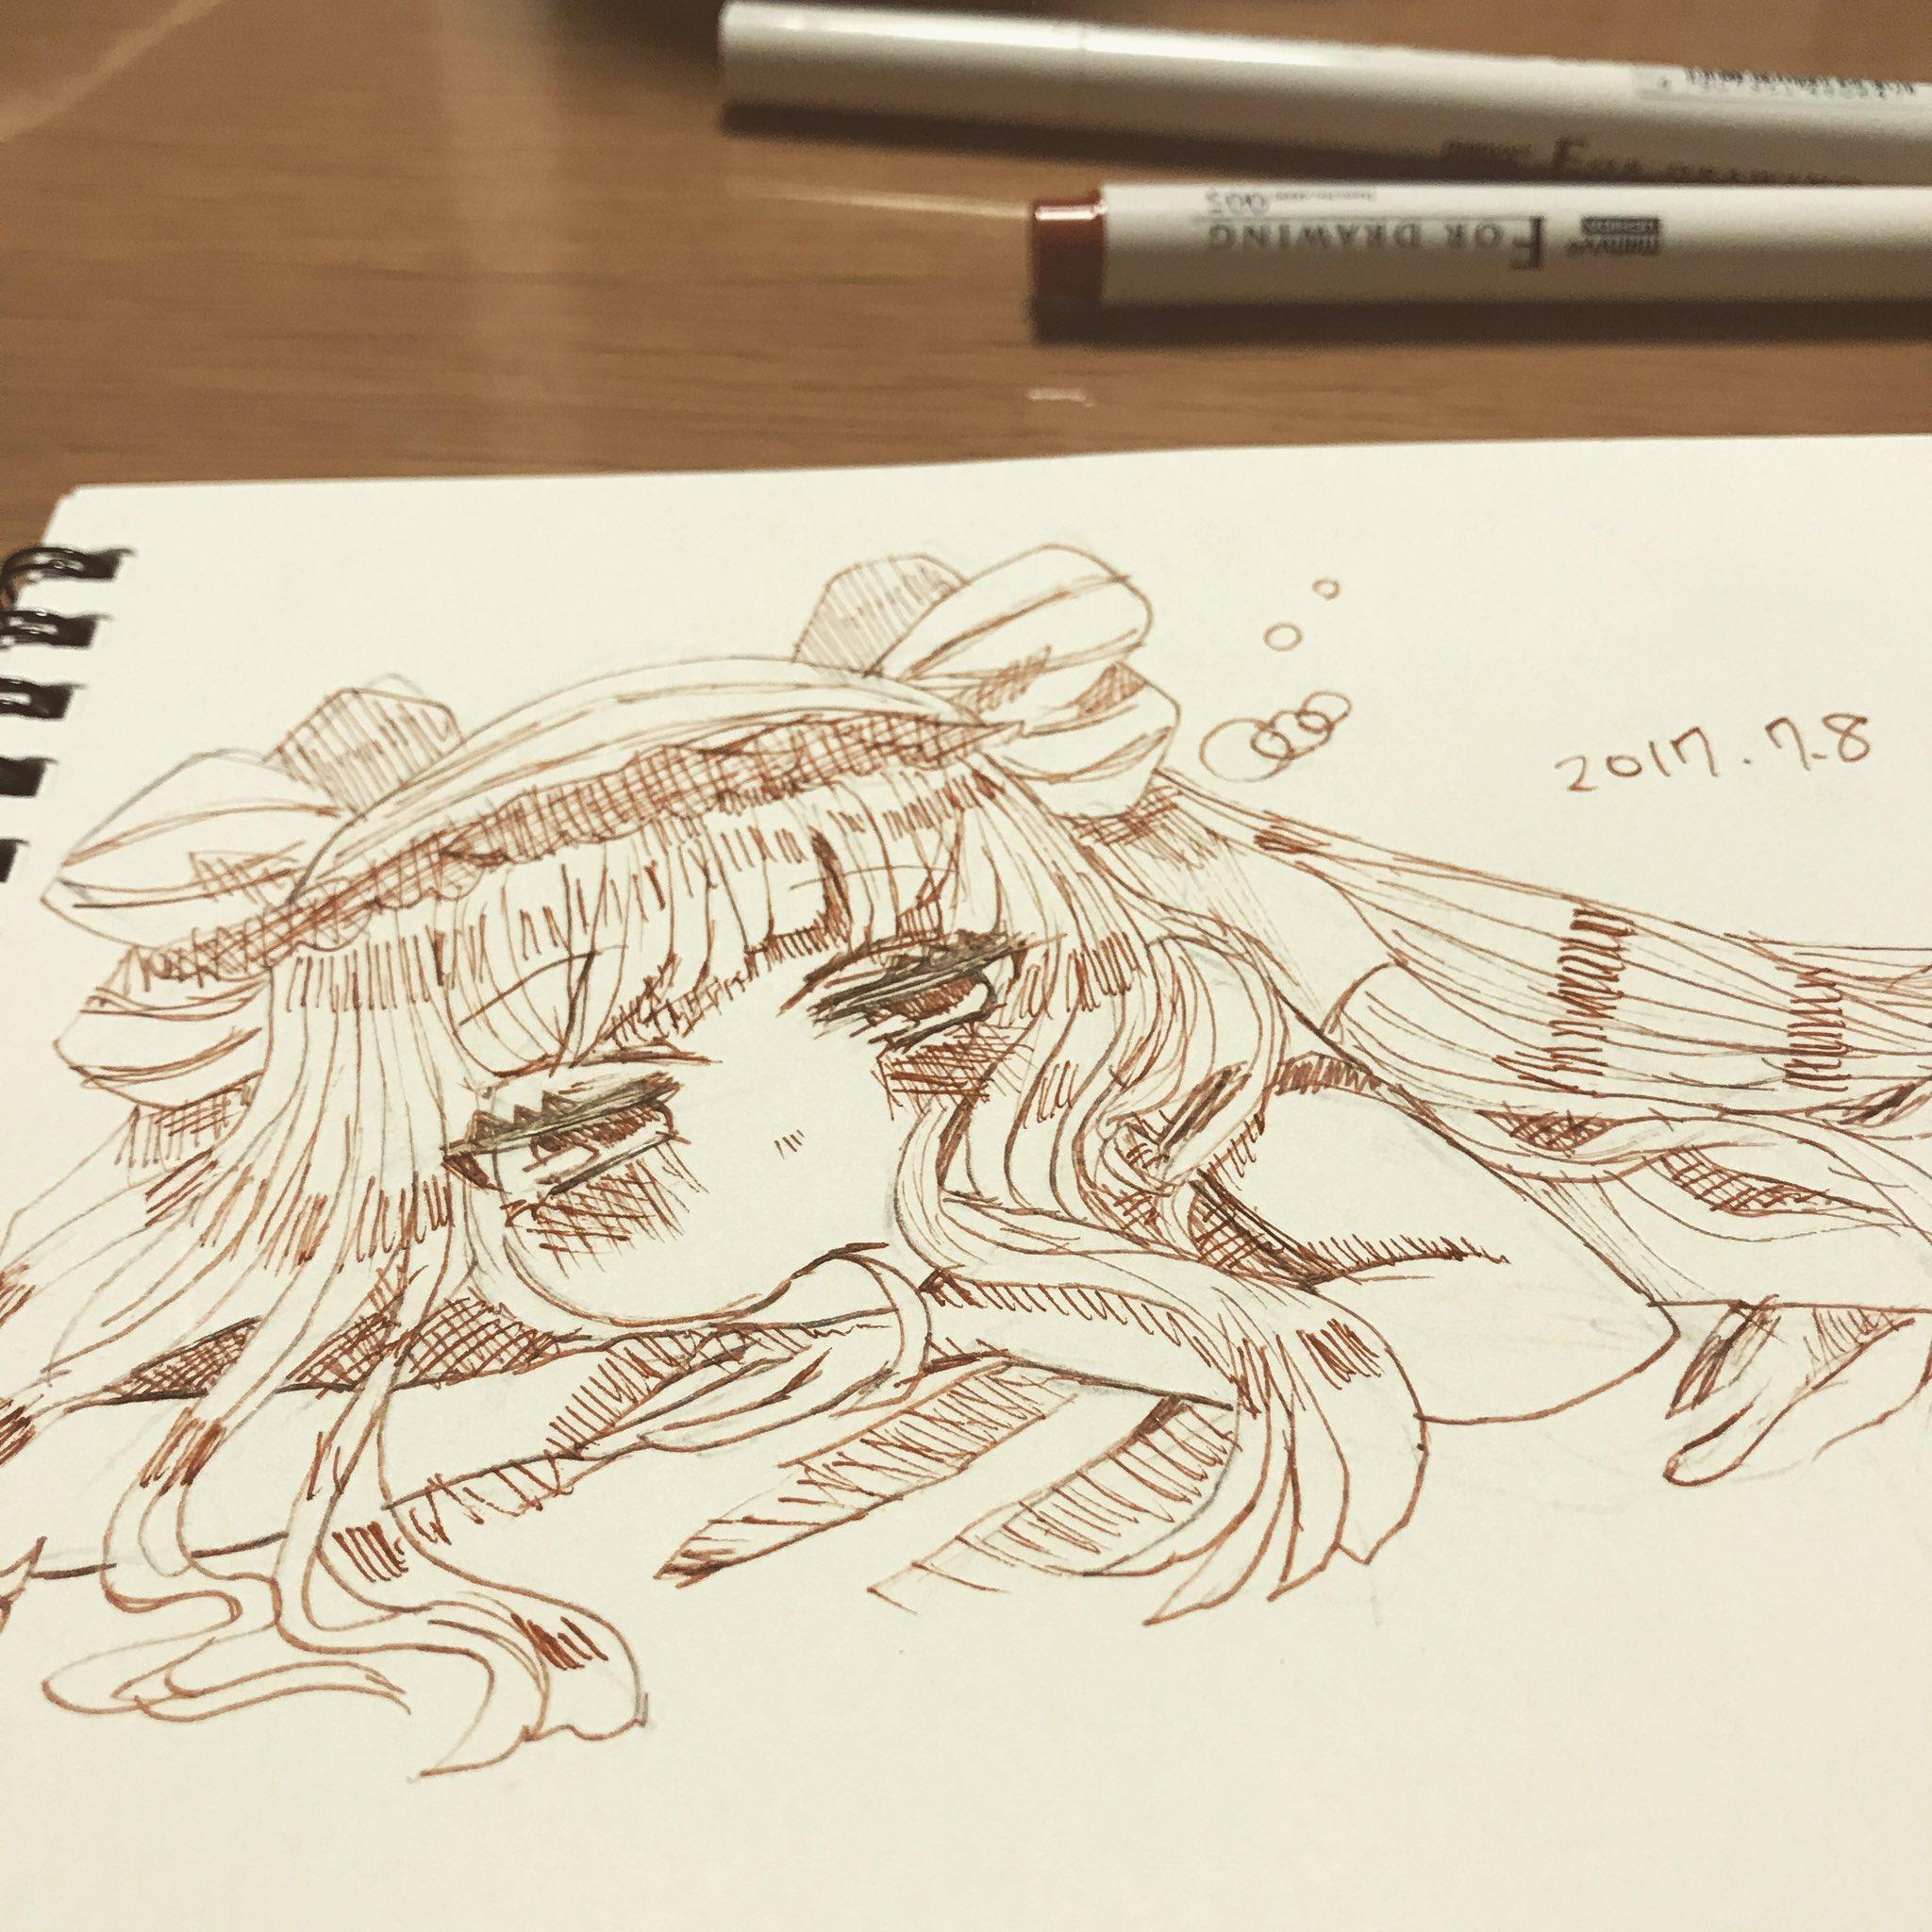 微睡む奈奈ちゃん